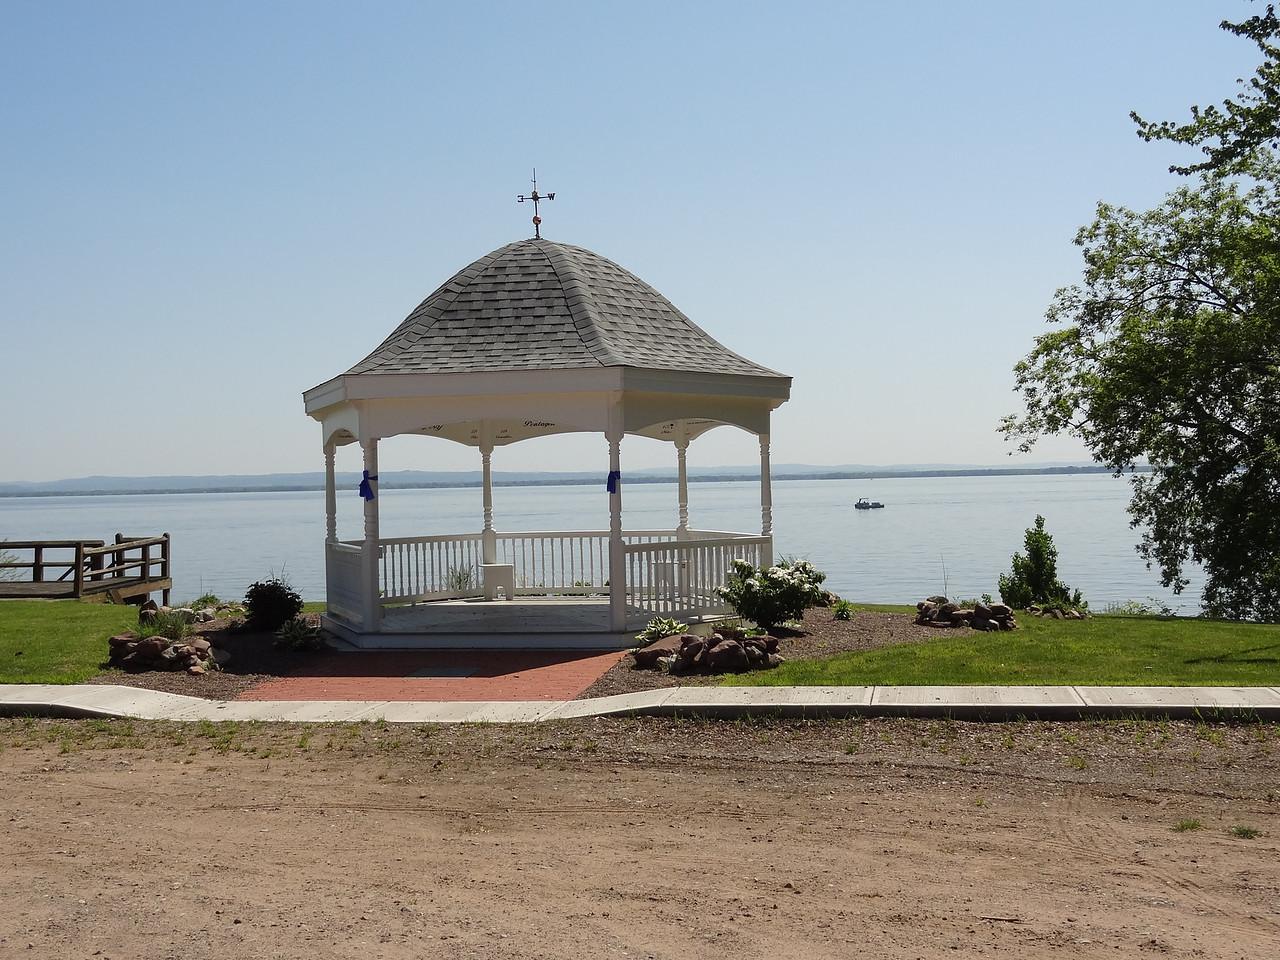 Gazebo in Cleveland, NY overlooking the lake.